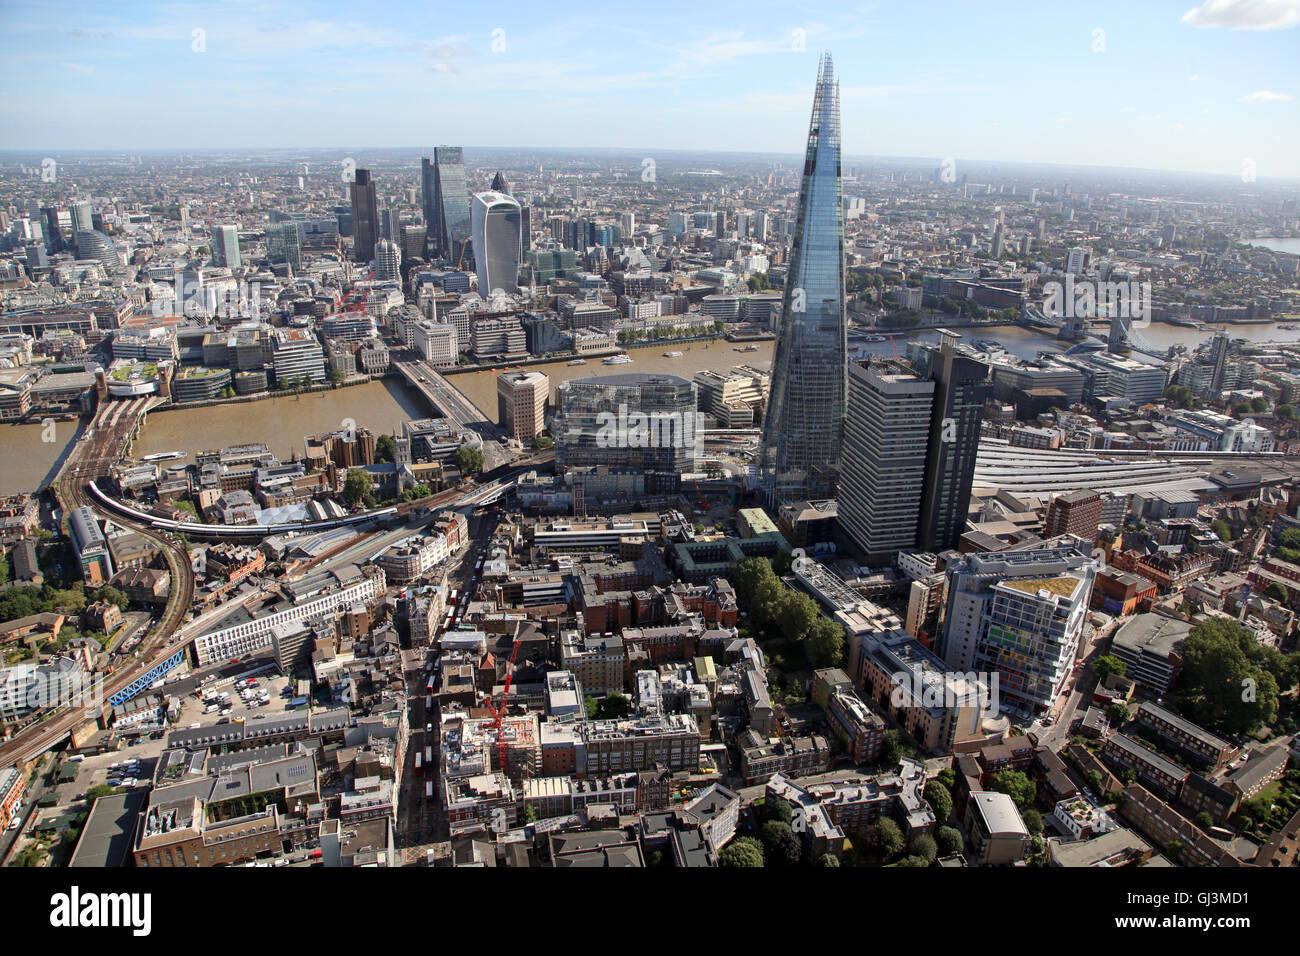 Luftaufnahme von The Shard, Guys Hospital, Themse & der Stadt London Stockbild